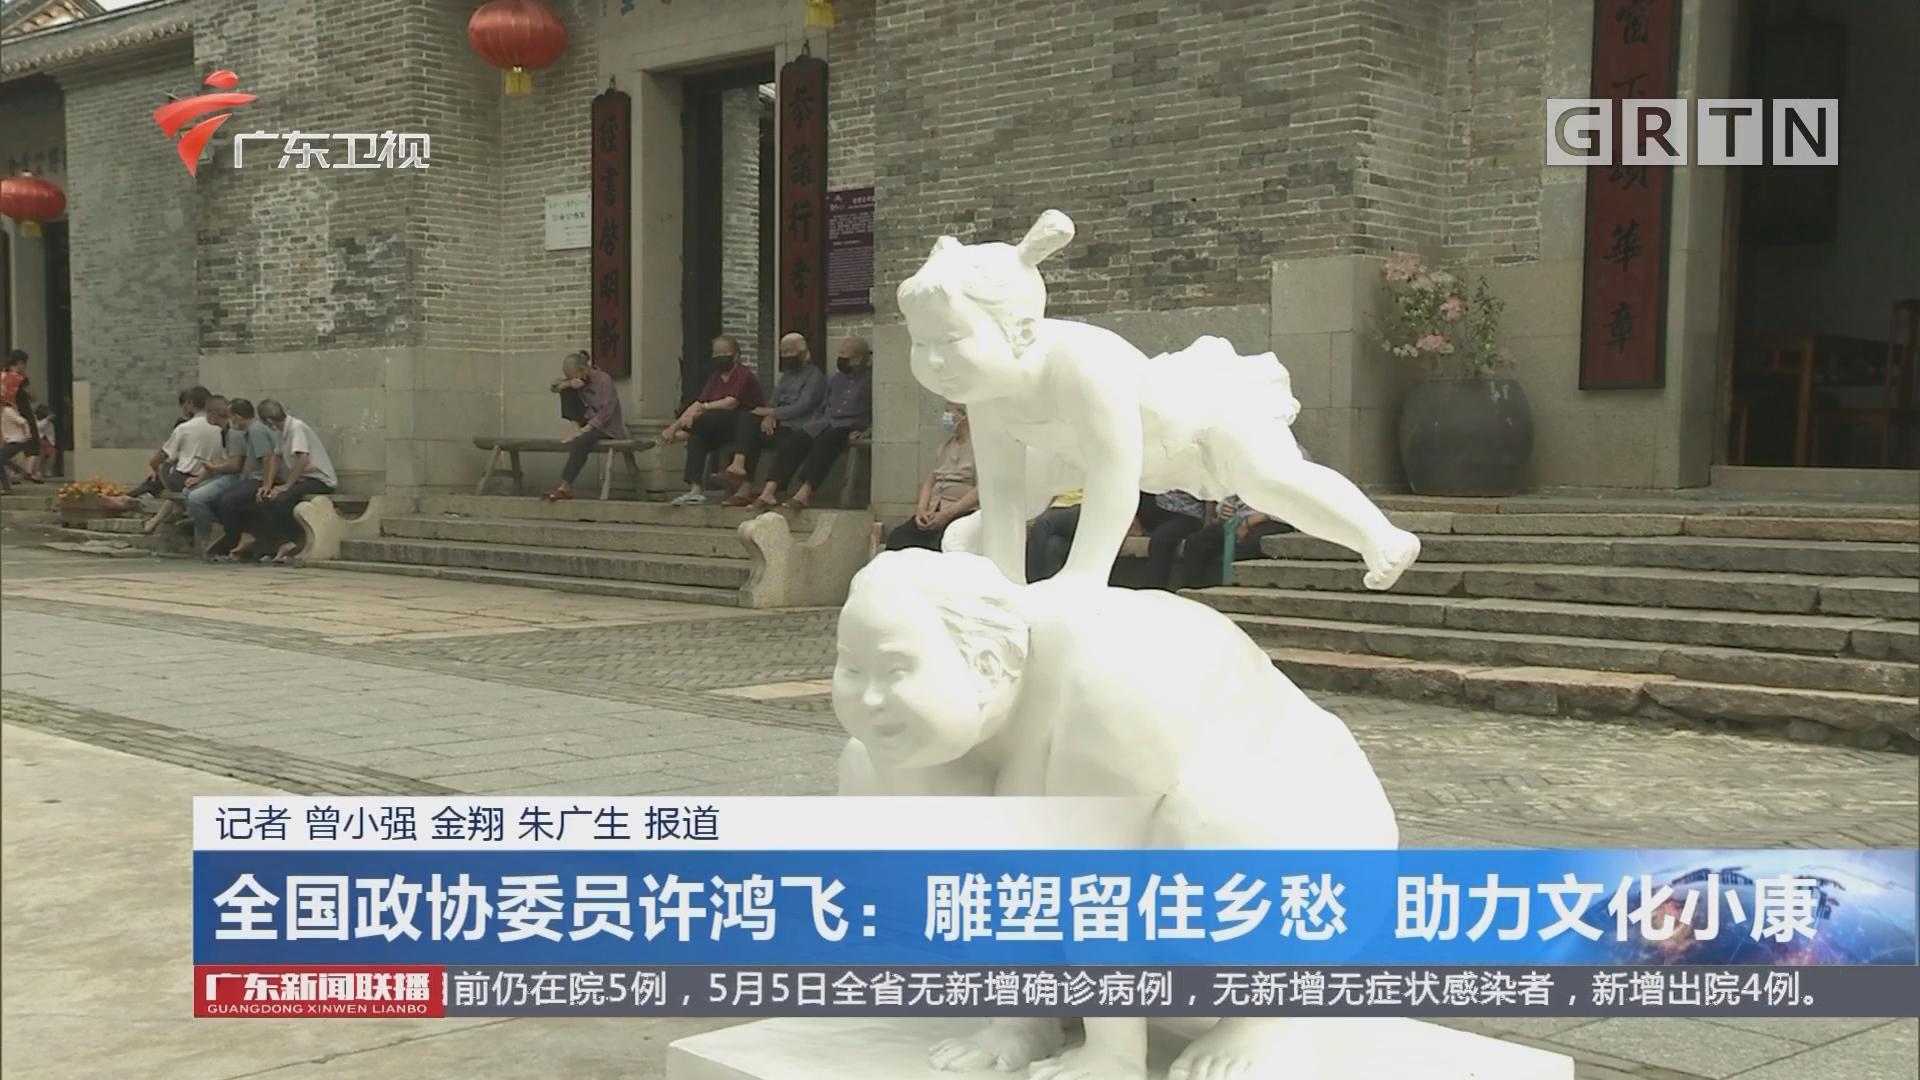 全國政協委員許鴻飛:雕塑留住鄉愁 助力文化小康